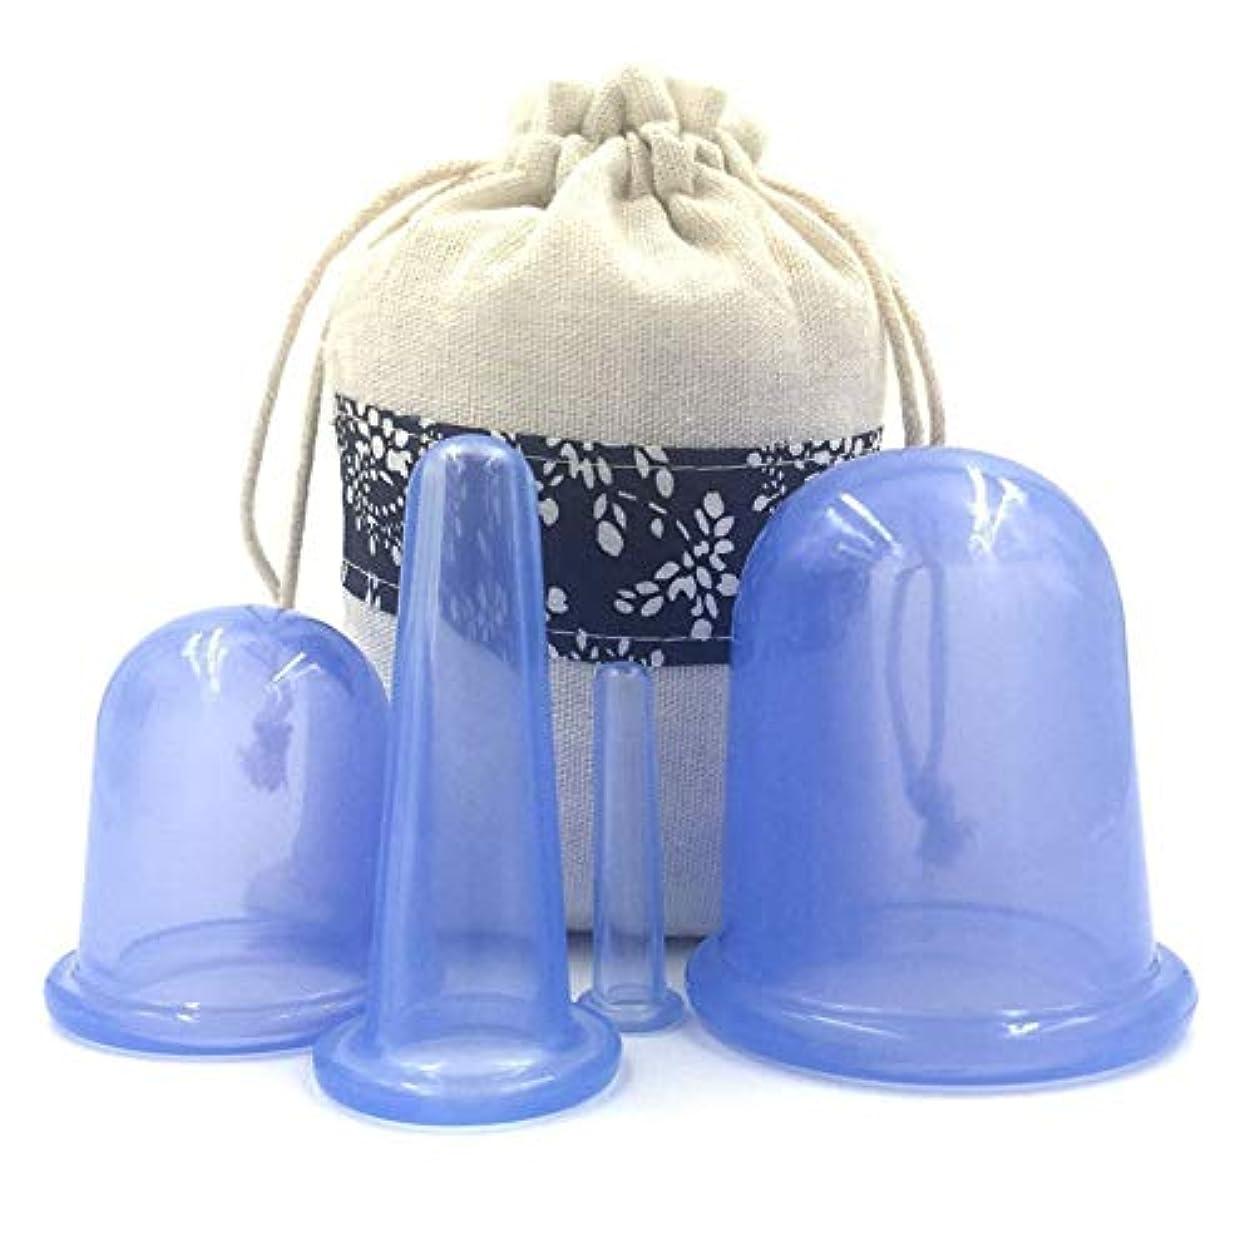 ソーダ水だらしない写真治療 カッピングポンプ 吸引器-カッピング療法と筋肉痛の痛みの軽減のための4つのマッサージカップセルライトカッピング用のアンチセルライトマッサージカップ (Color : Clear)